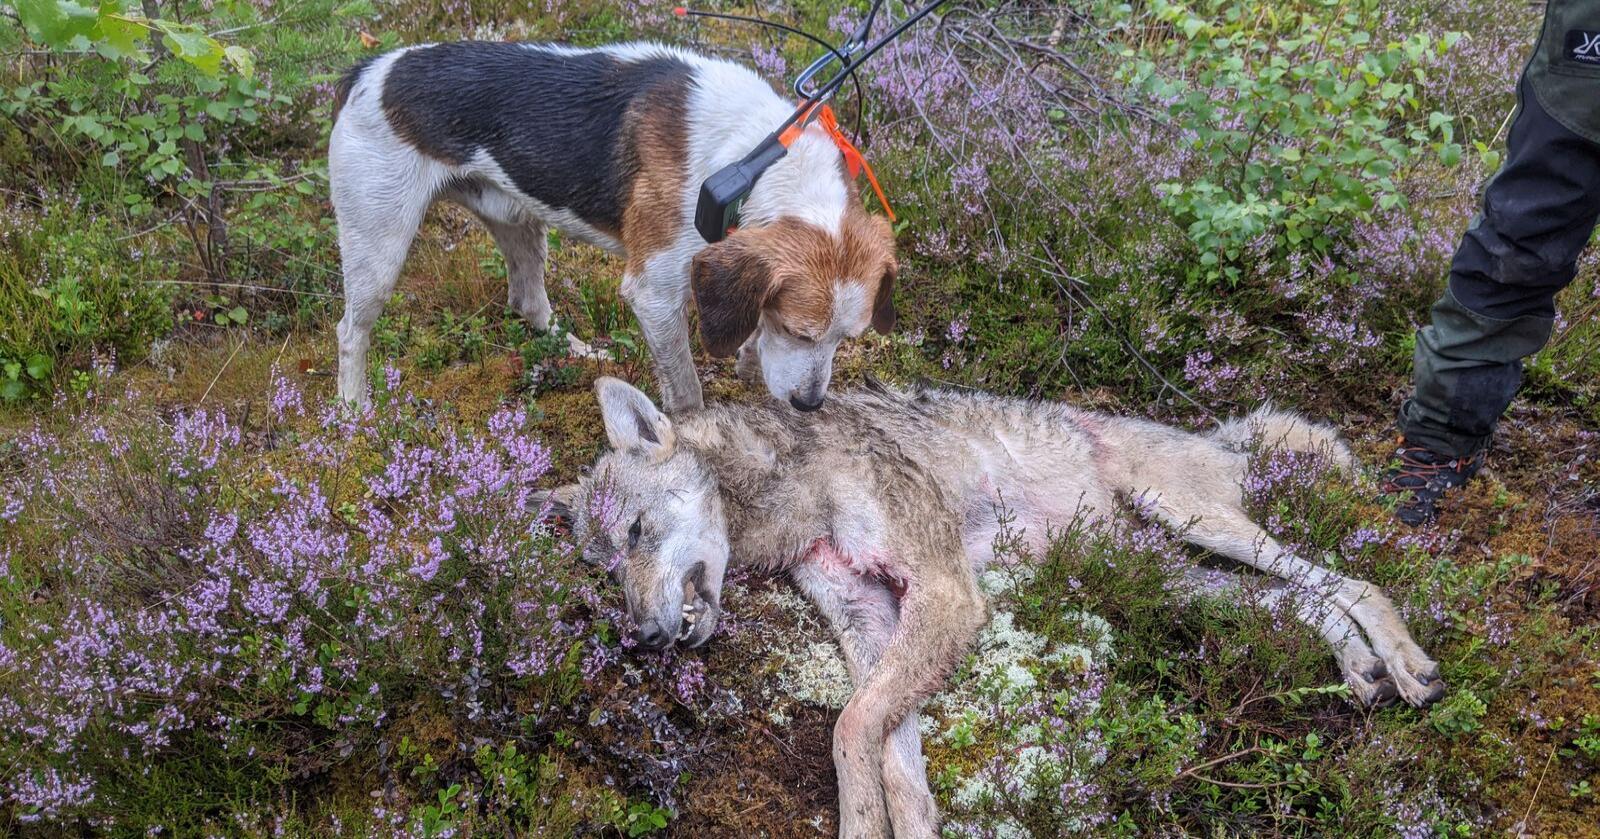 Denne hunden har bidratt til å gjøre jakten på ulv mye mer effektiv. (Foto: Skadefellingslaga i Nord-Østerdal)